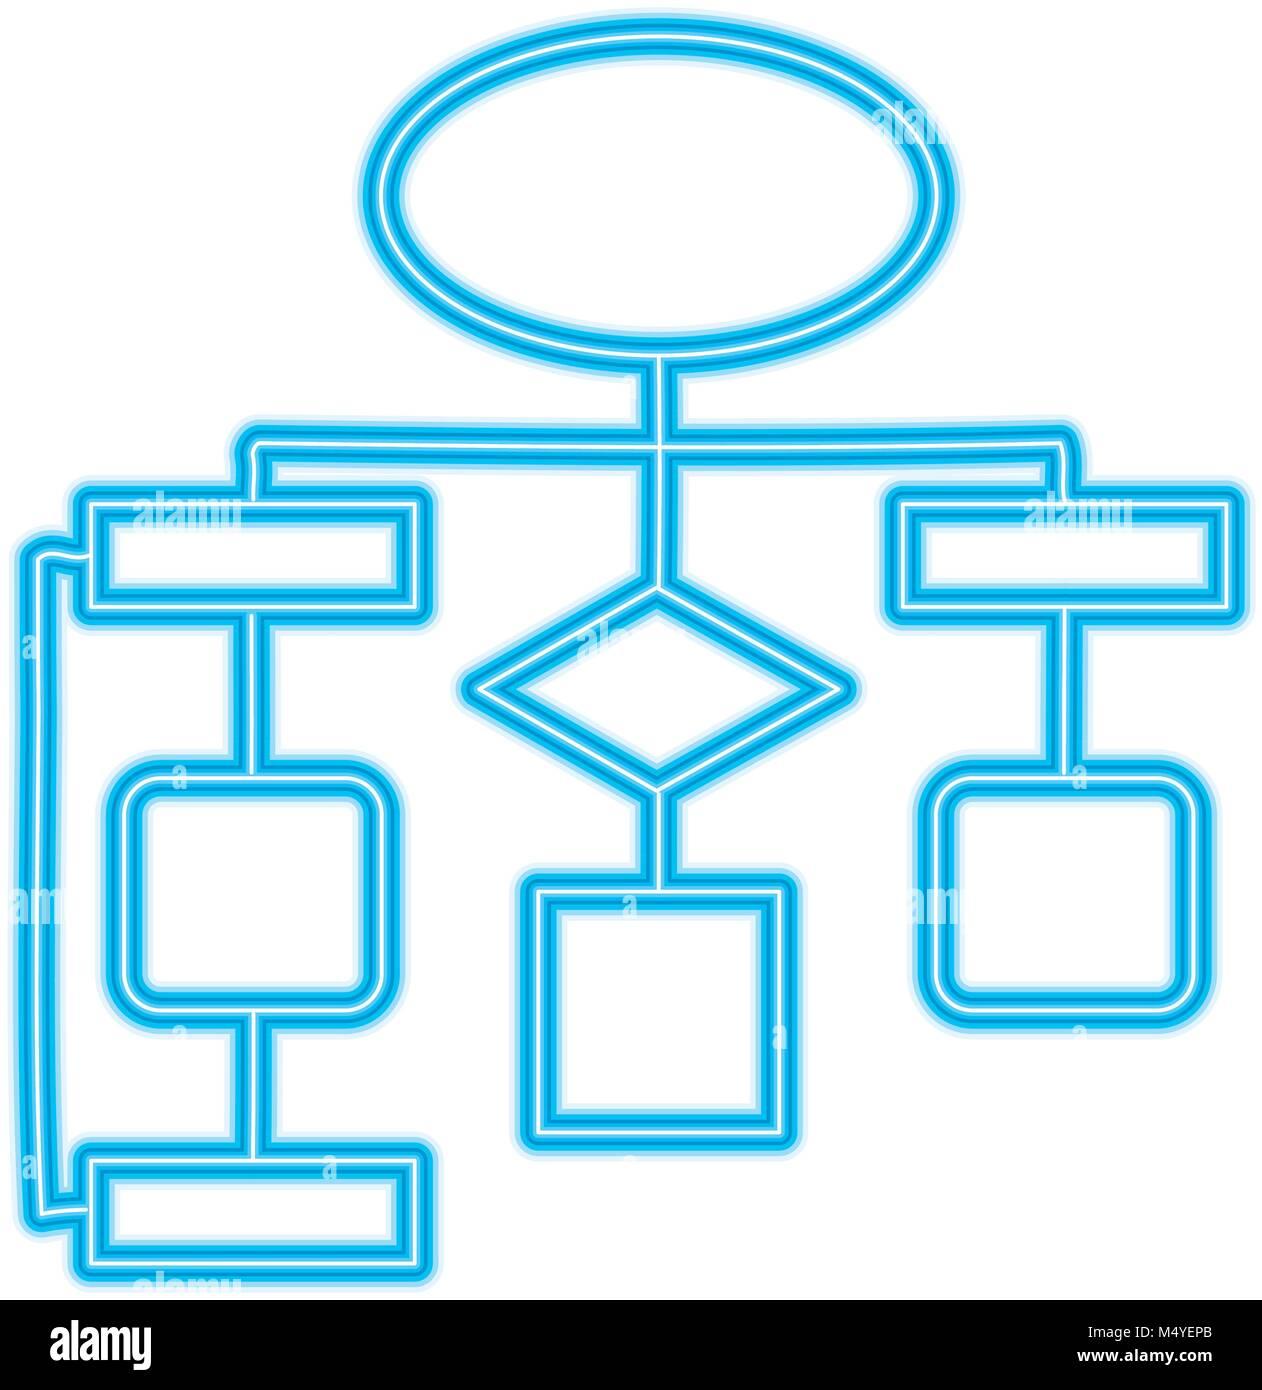 Schema Collegamento Neon : Forum camperizzazione spostato schema e funzionamento dell